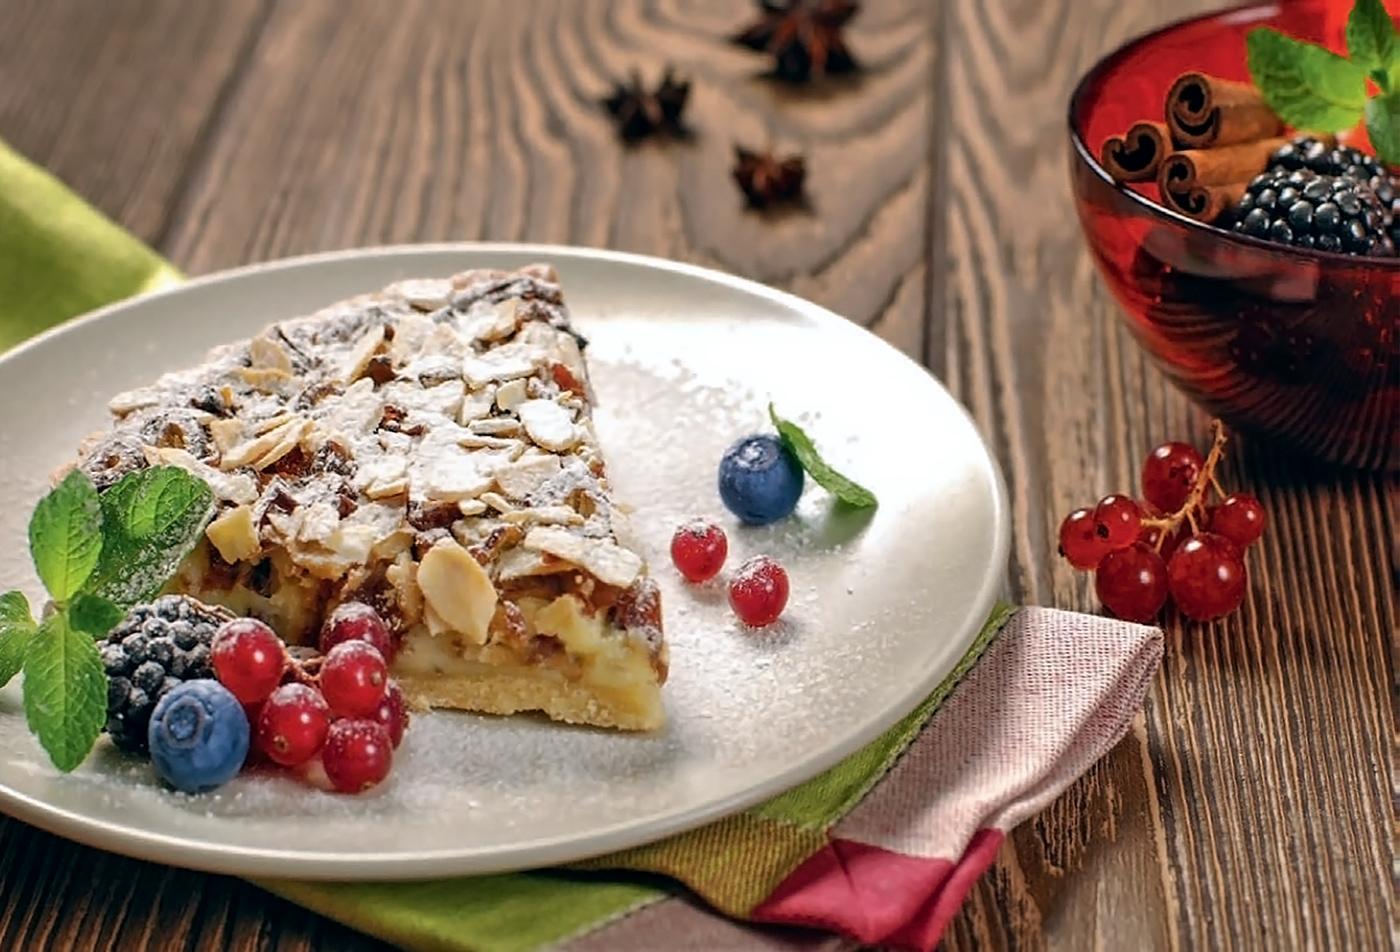 Итальянский пирог с финиками и сыром маскарпоне